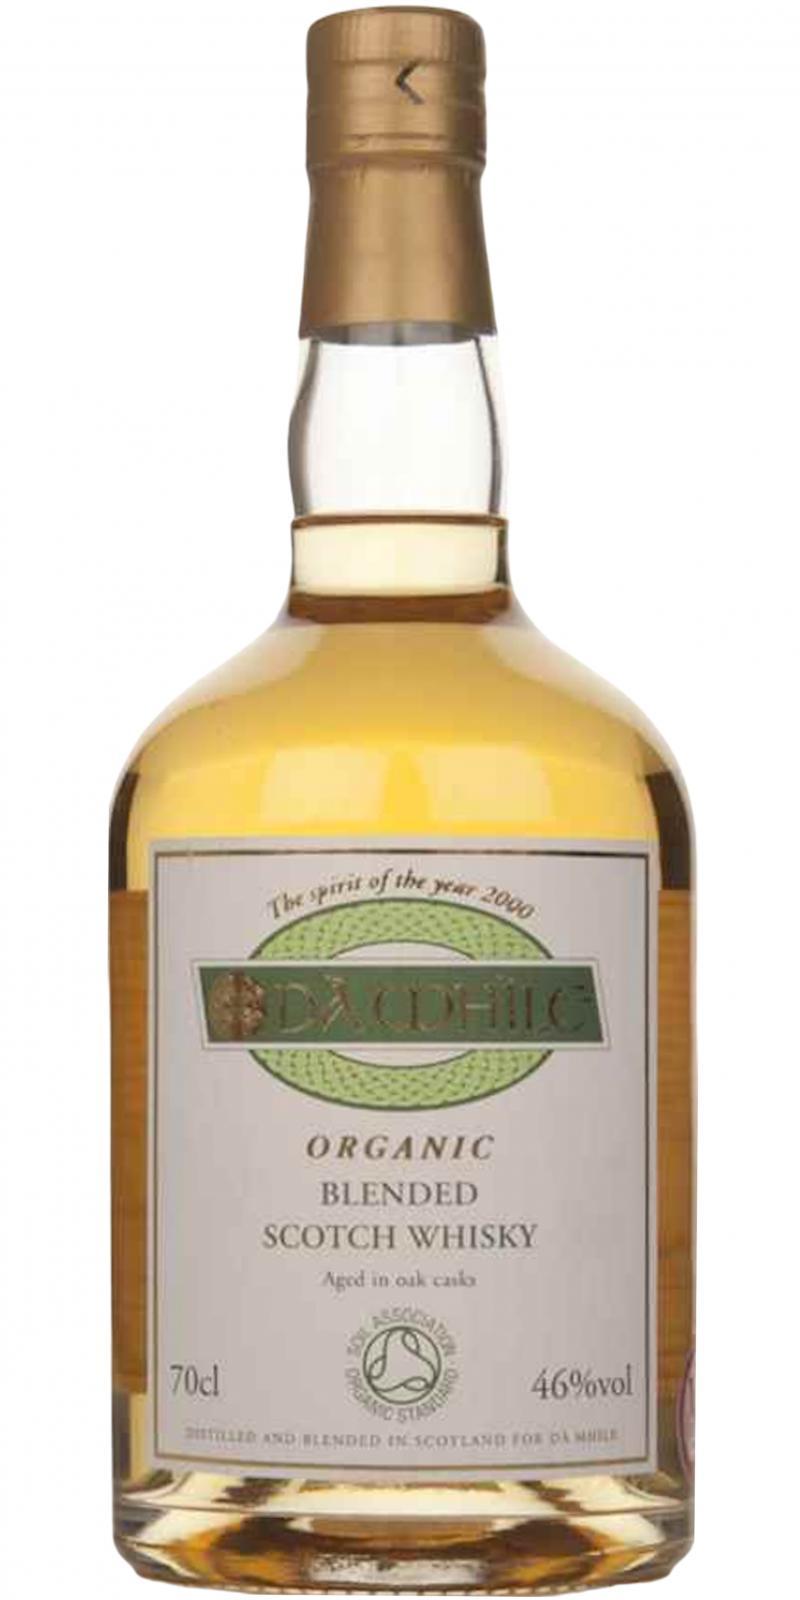 Dà Mhìle Organic Blended Scotch Whisky